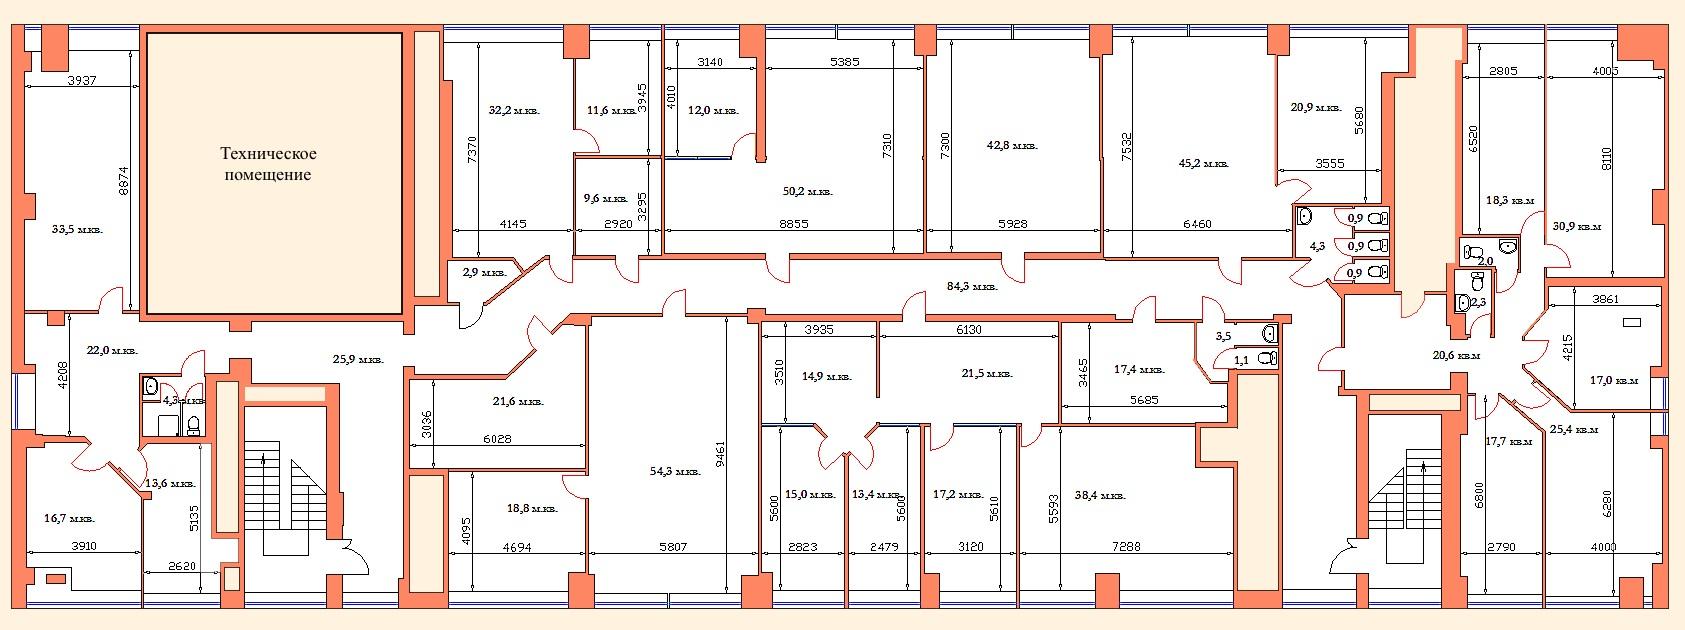 Аренда офиса москва план недвижимость в красногорске коммерческая